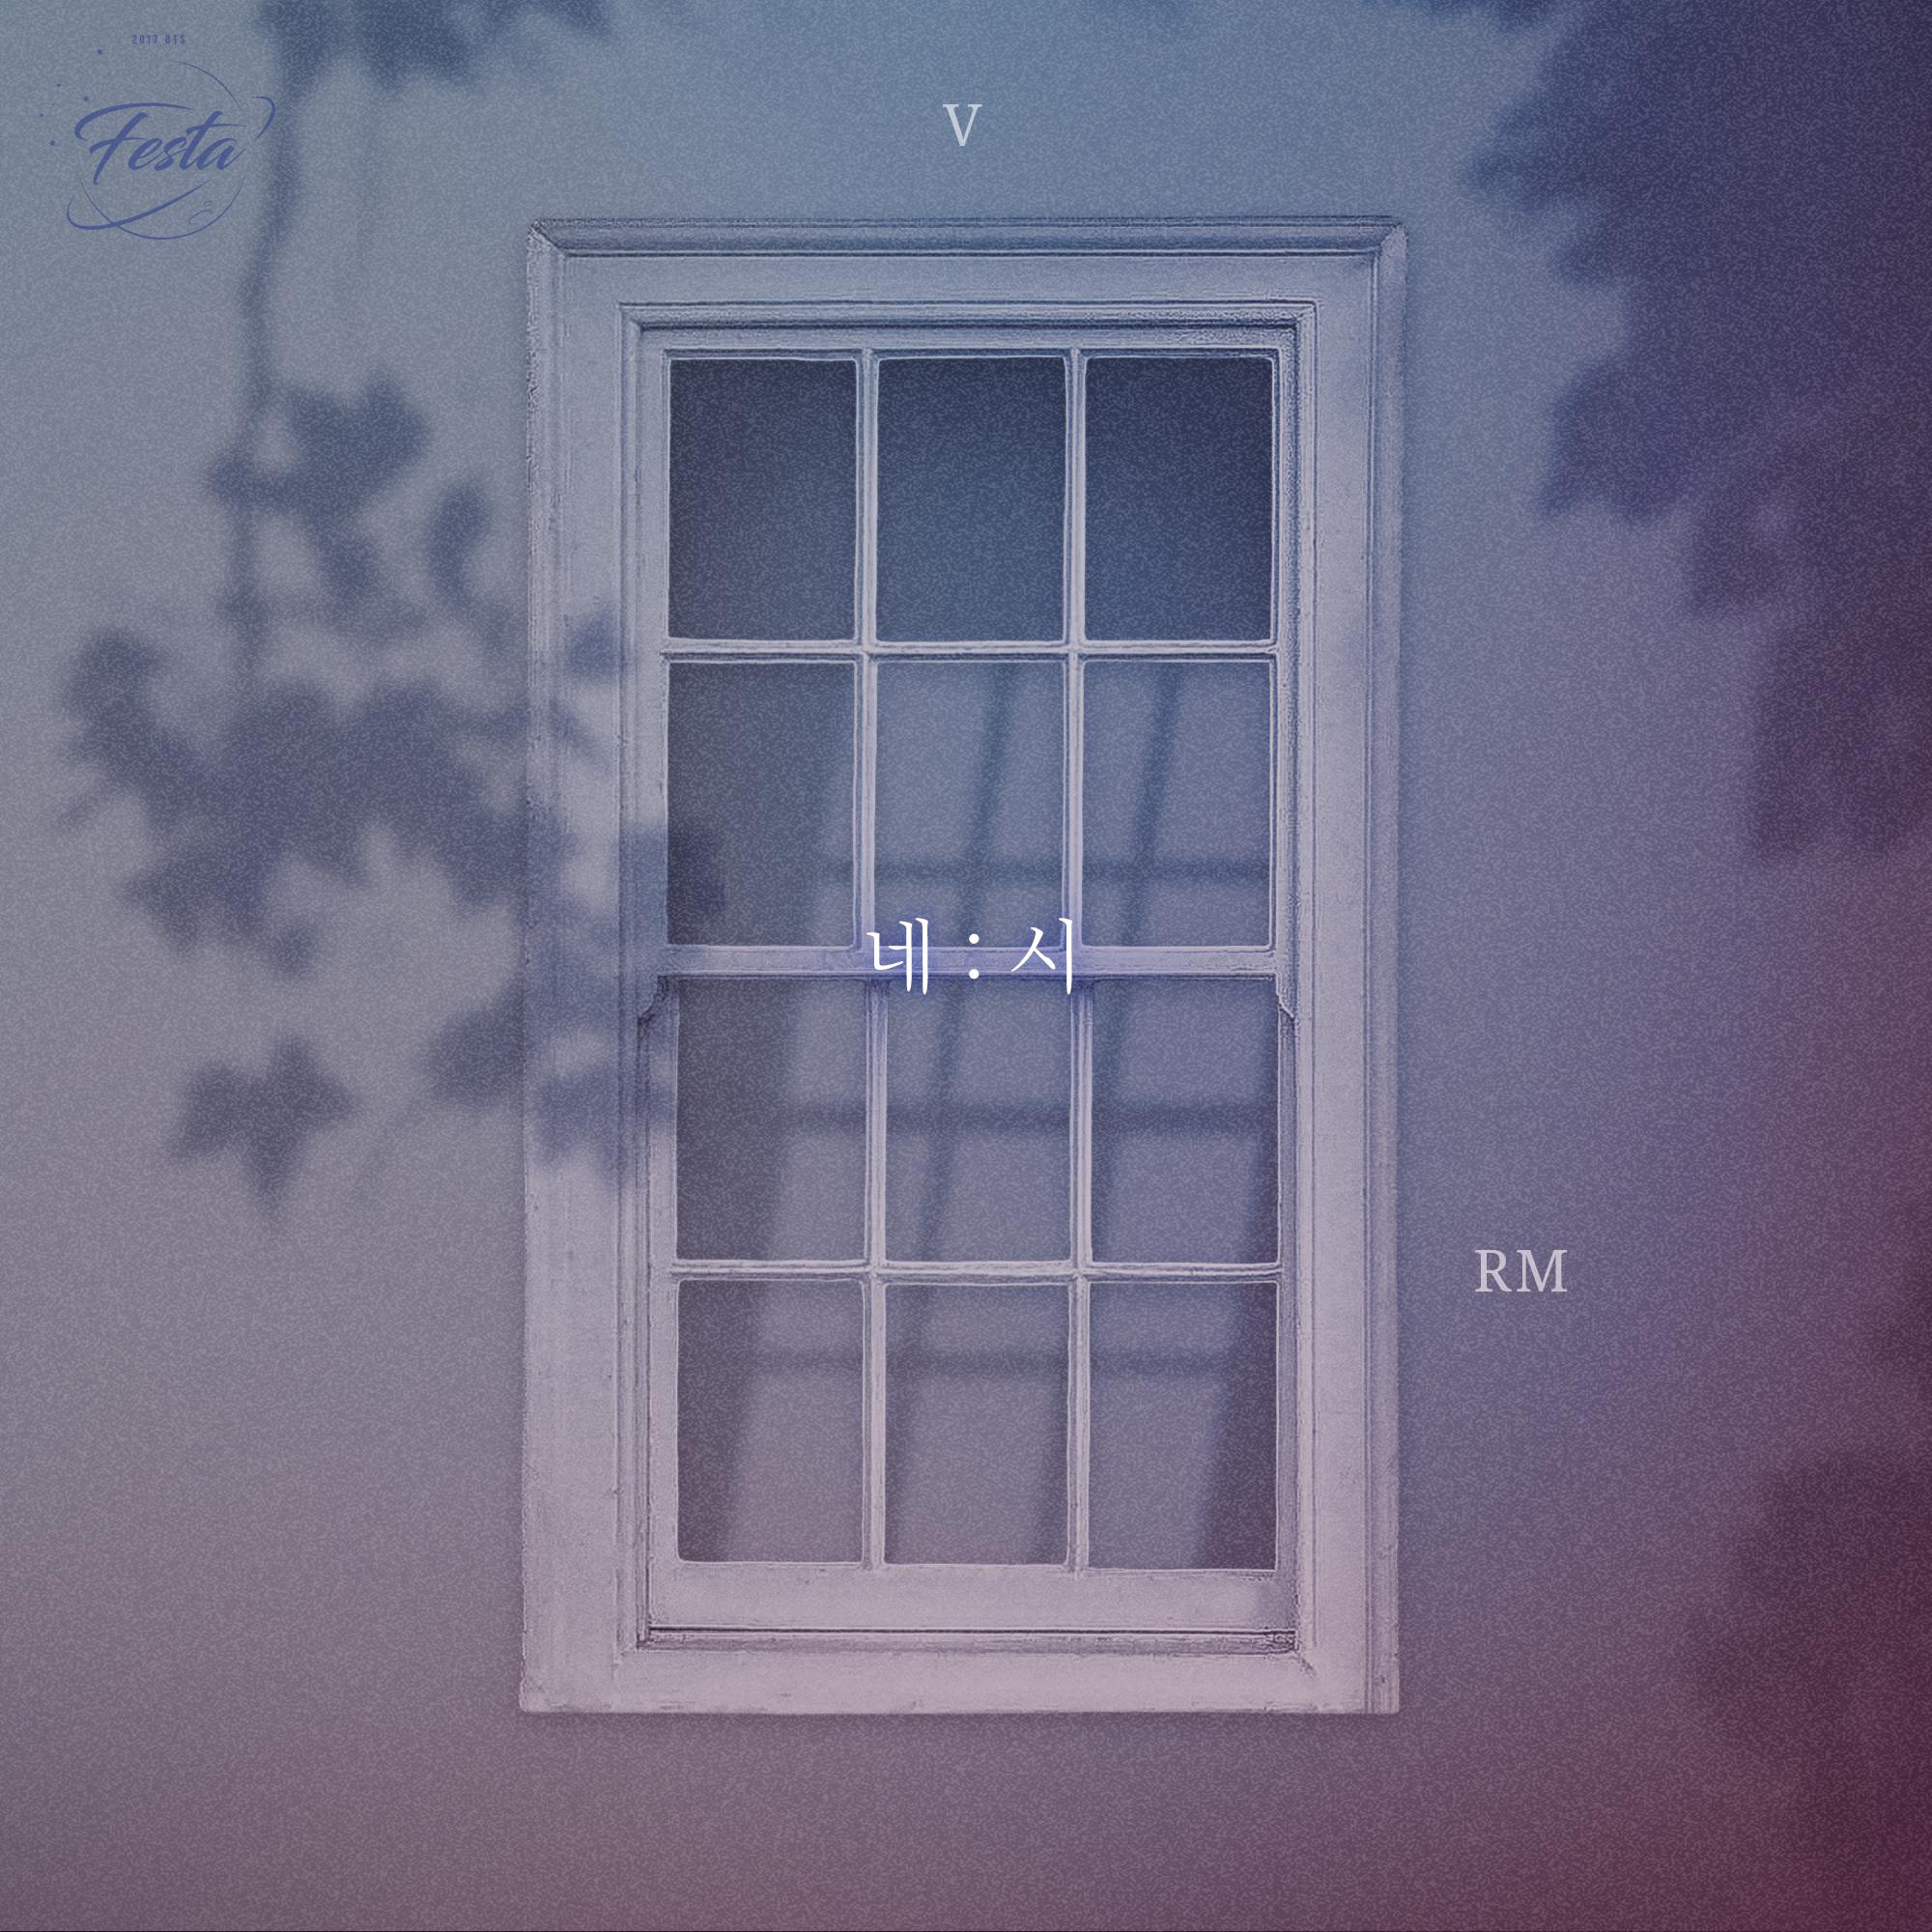 4 O'CLOCK | BTS Wiki | FANDOM powered by Wikia